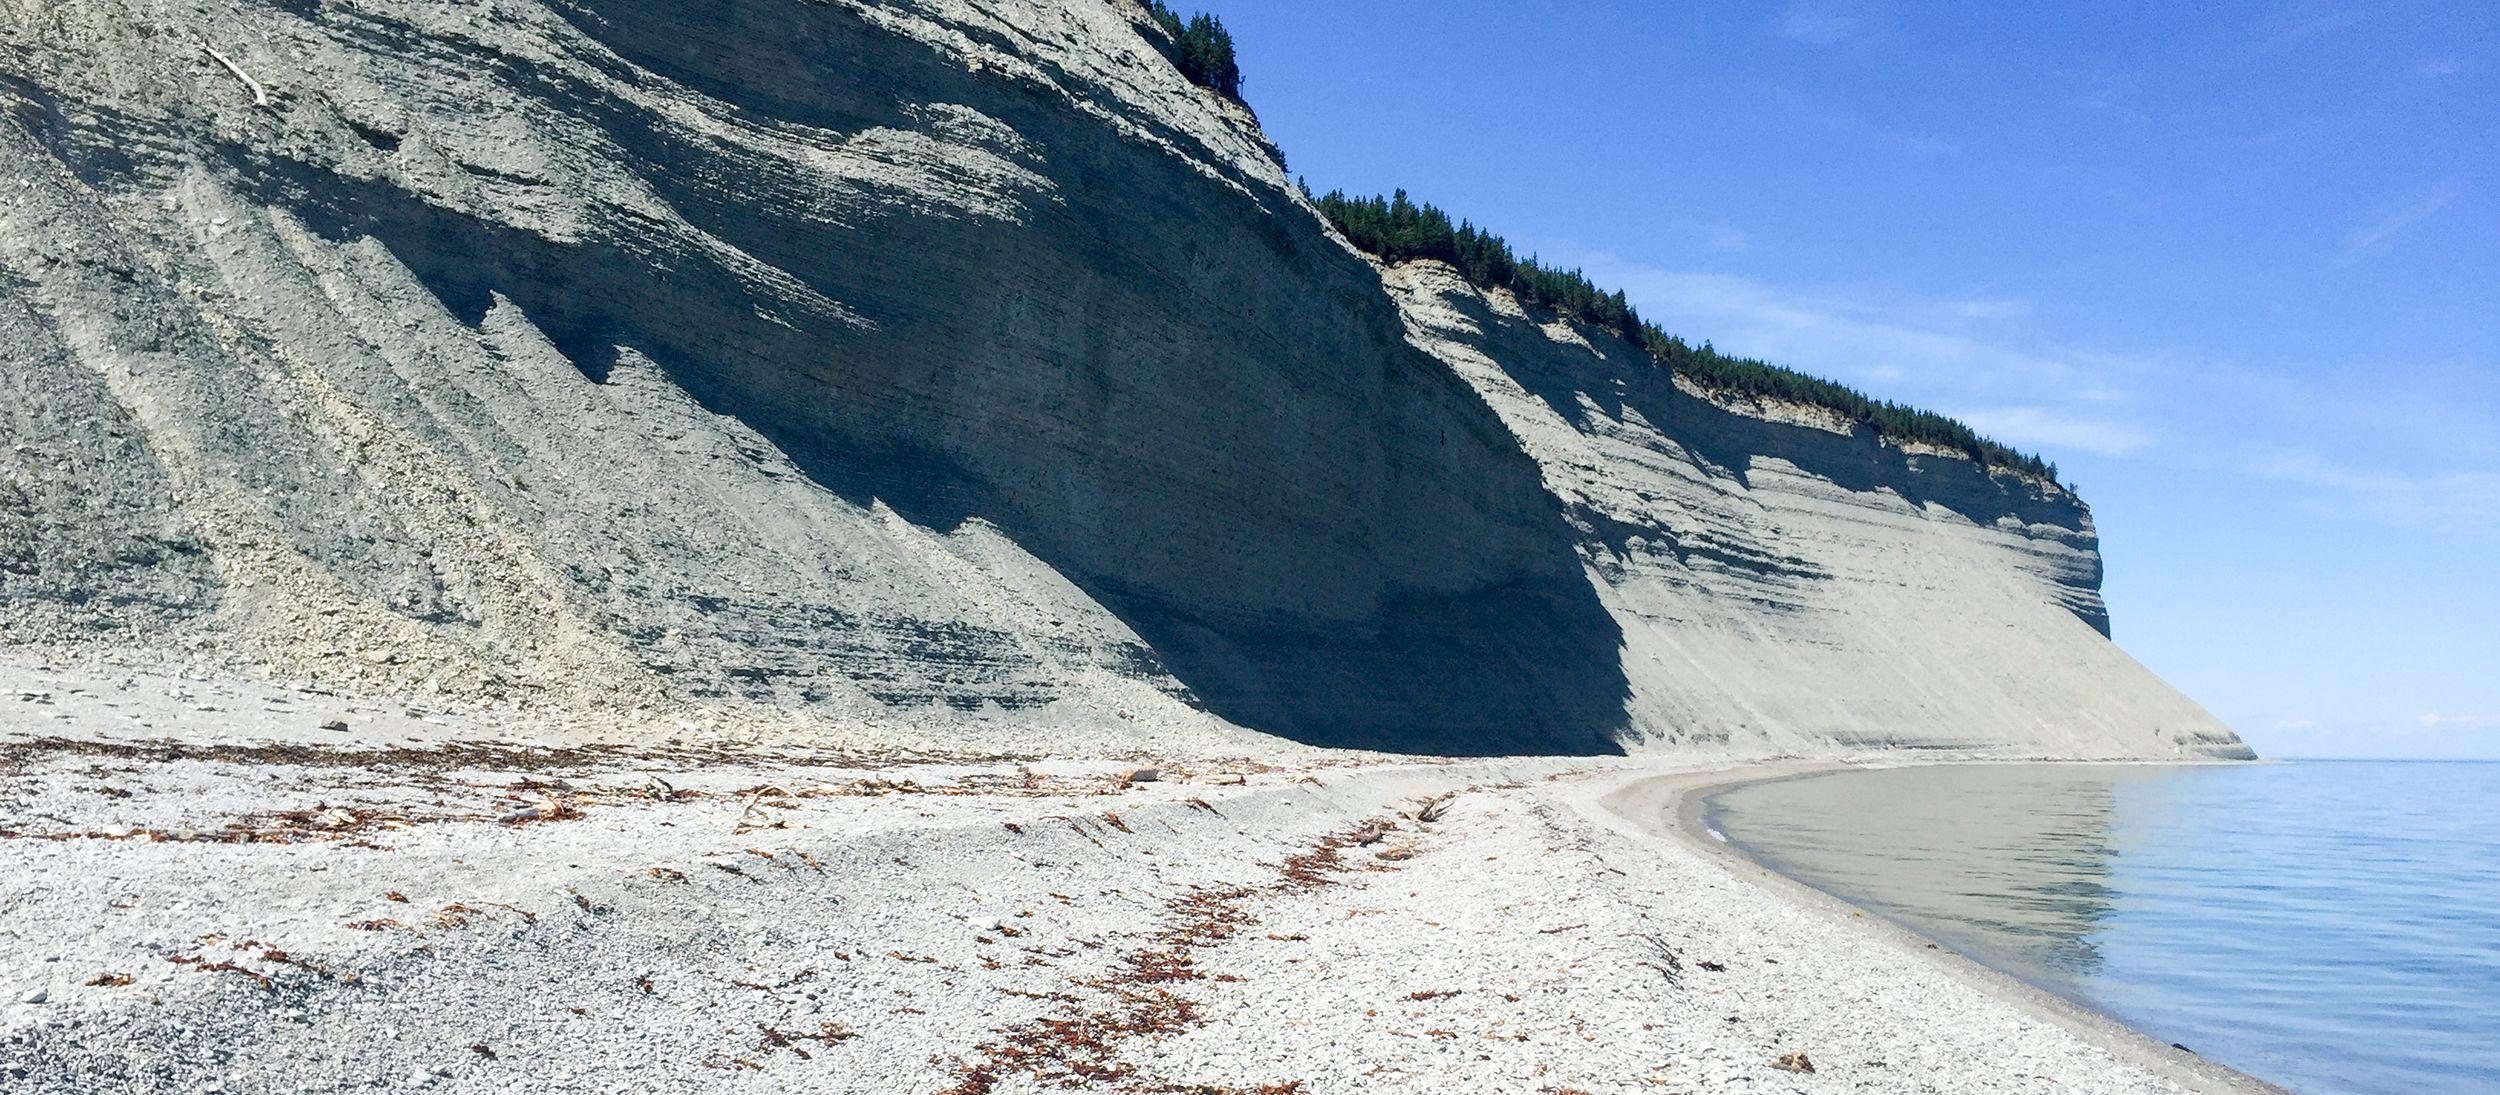 Steilküste auf Anticosti Island